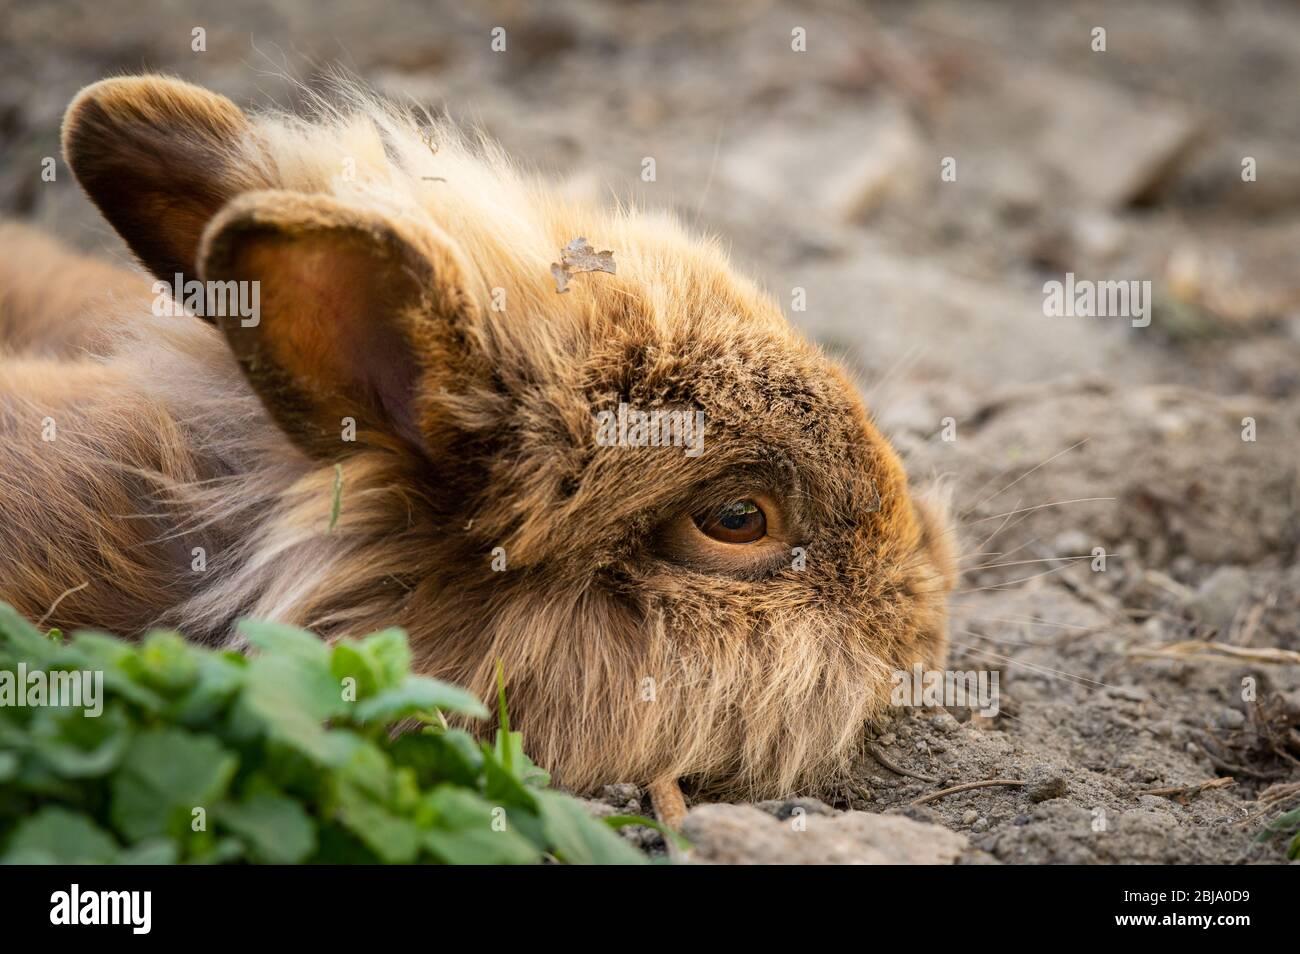 Un coniglio nano carino marrone (testa di leoni) che riposa a terra nel giardino Foto Stock